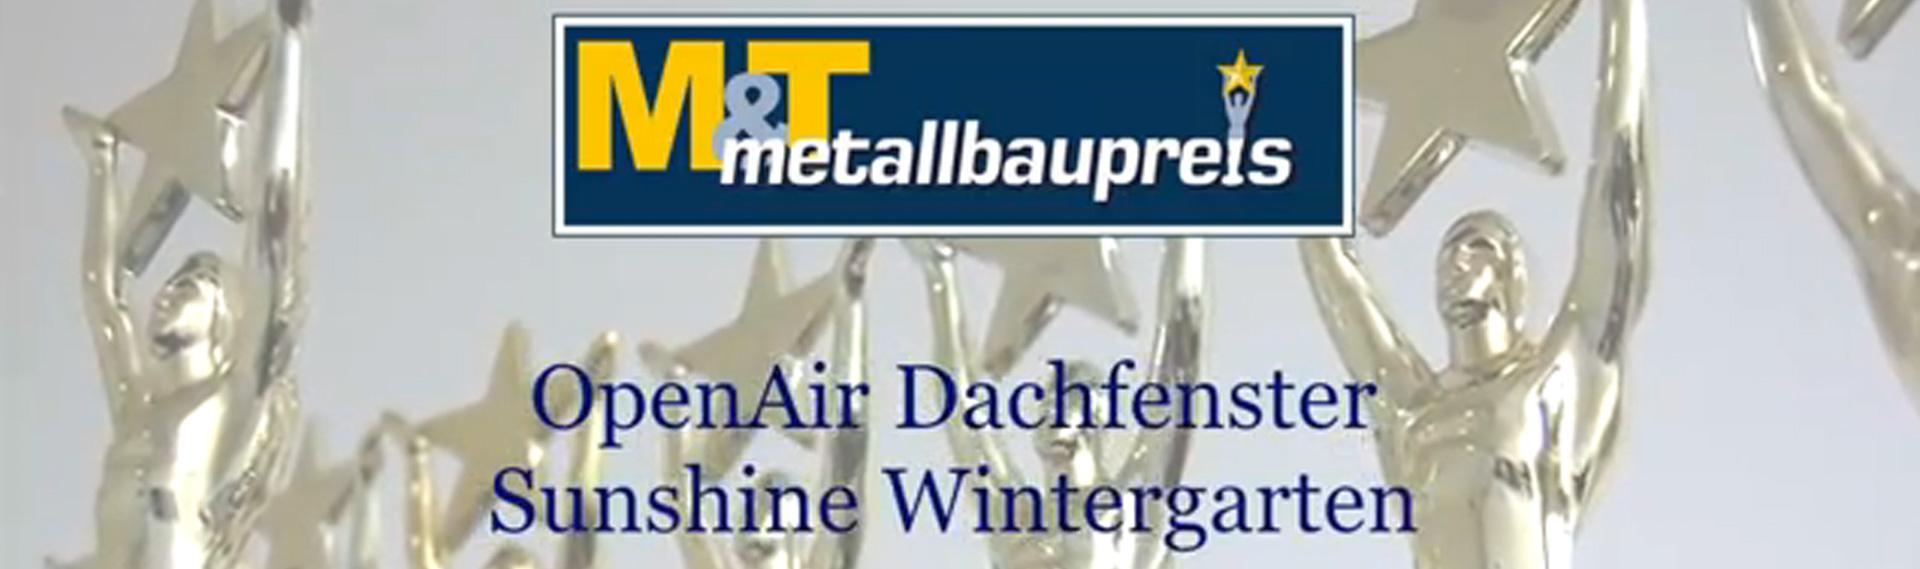 OpenAir Schiebedach in Bonn (Objekt 1074). Auszeichnung mit dem M&T metallbaupreis für ein Sunshine-Dachschiebefenster  im Jahre 2011